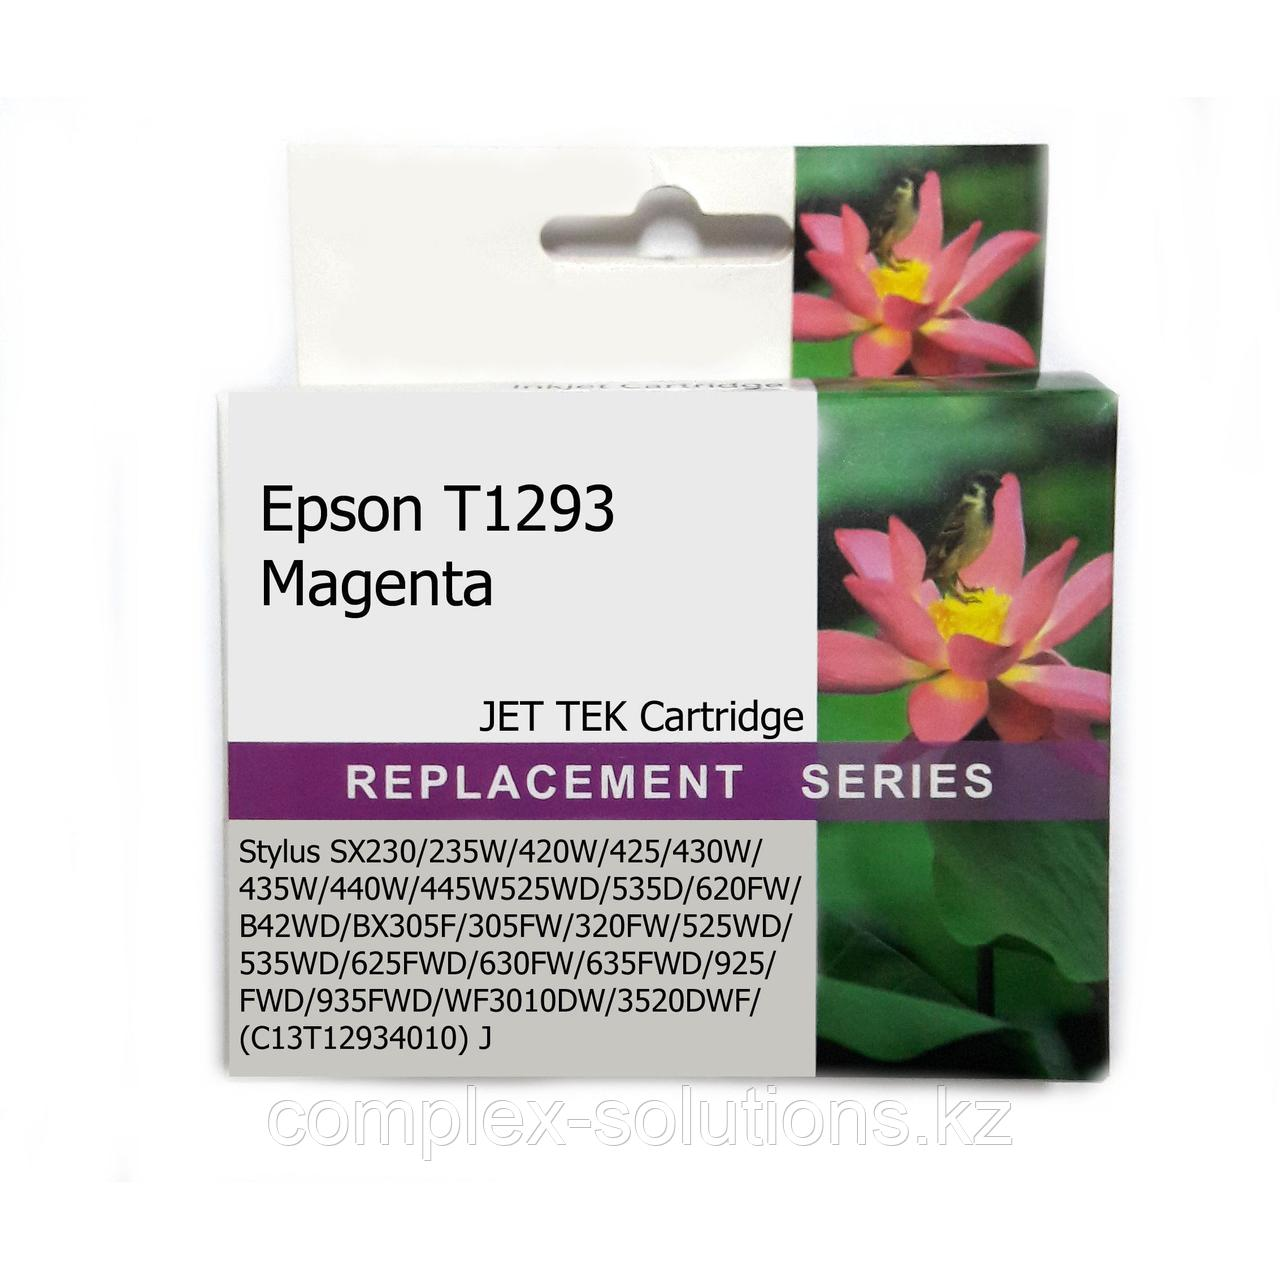 Картридж EPSON T1293 Magenta JET TEK   [качественный дубликат]